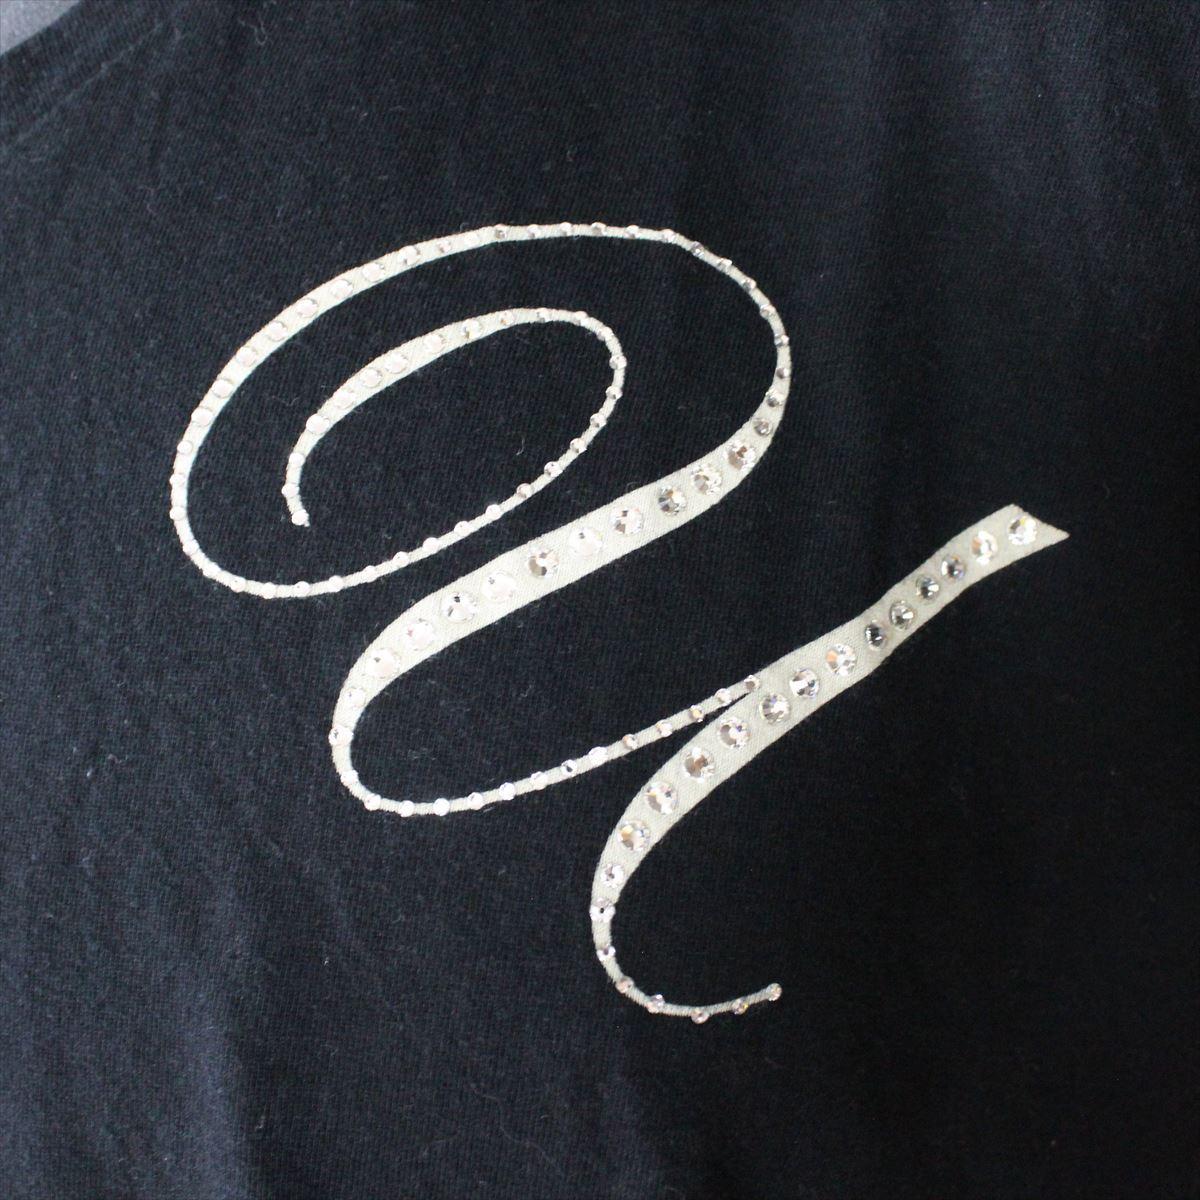 エドハーディー ED HARDY メンズ半袖VネックTシャツ ブラック Lサイズ 新品 黒_画像2